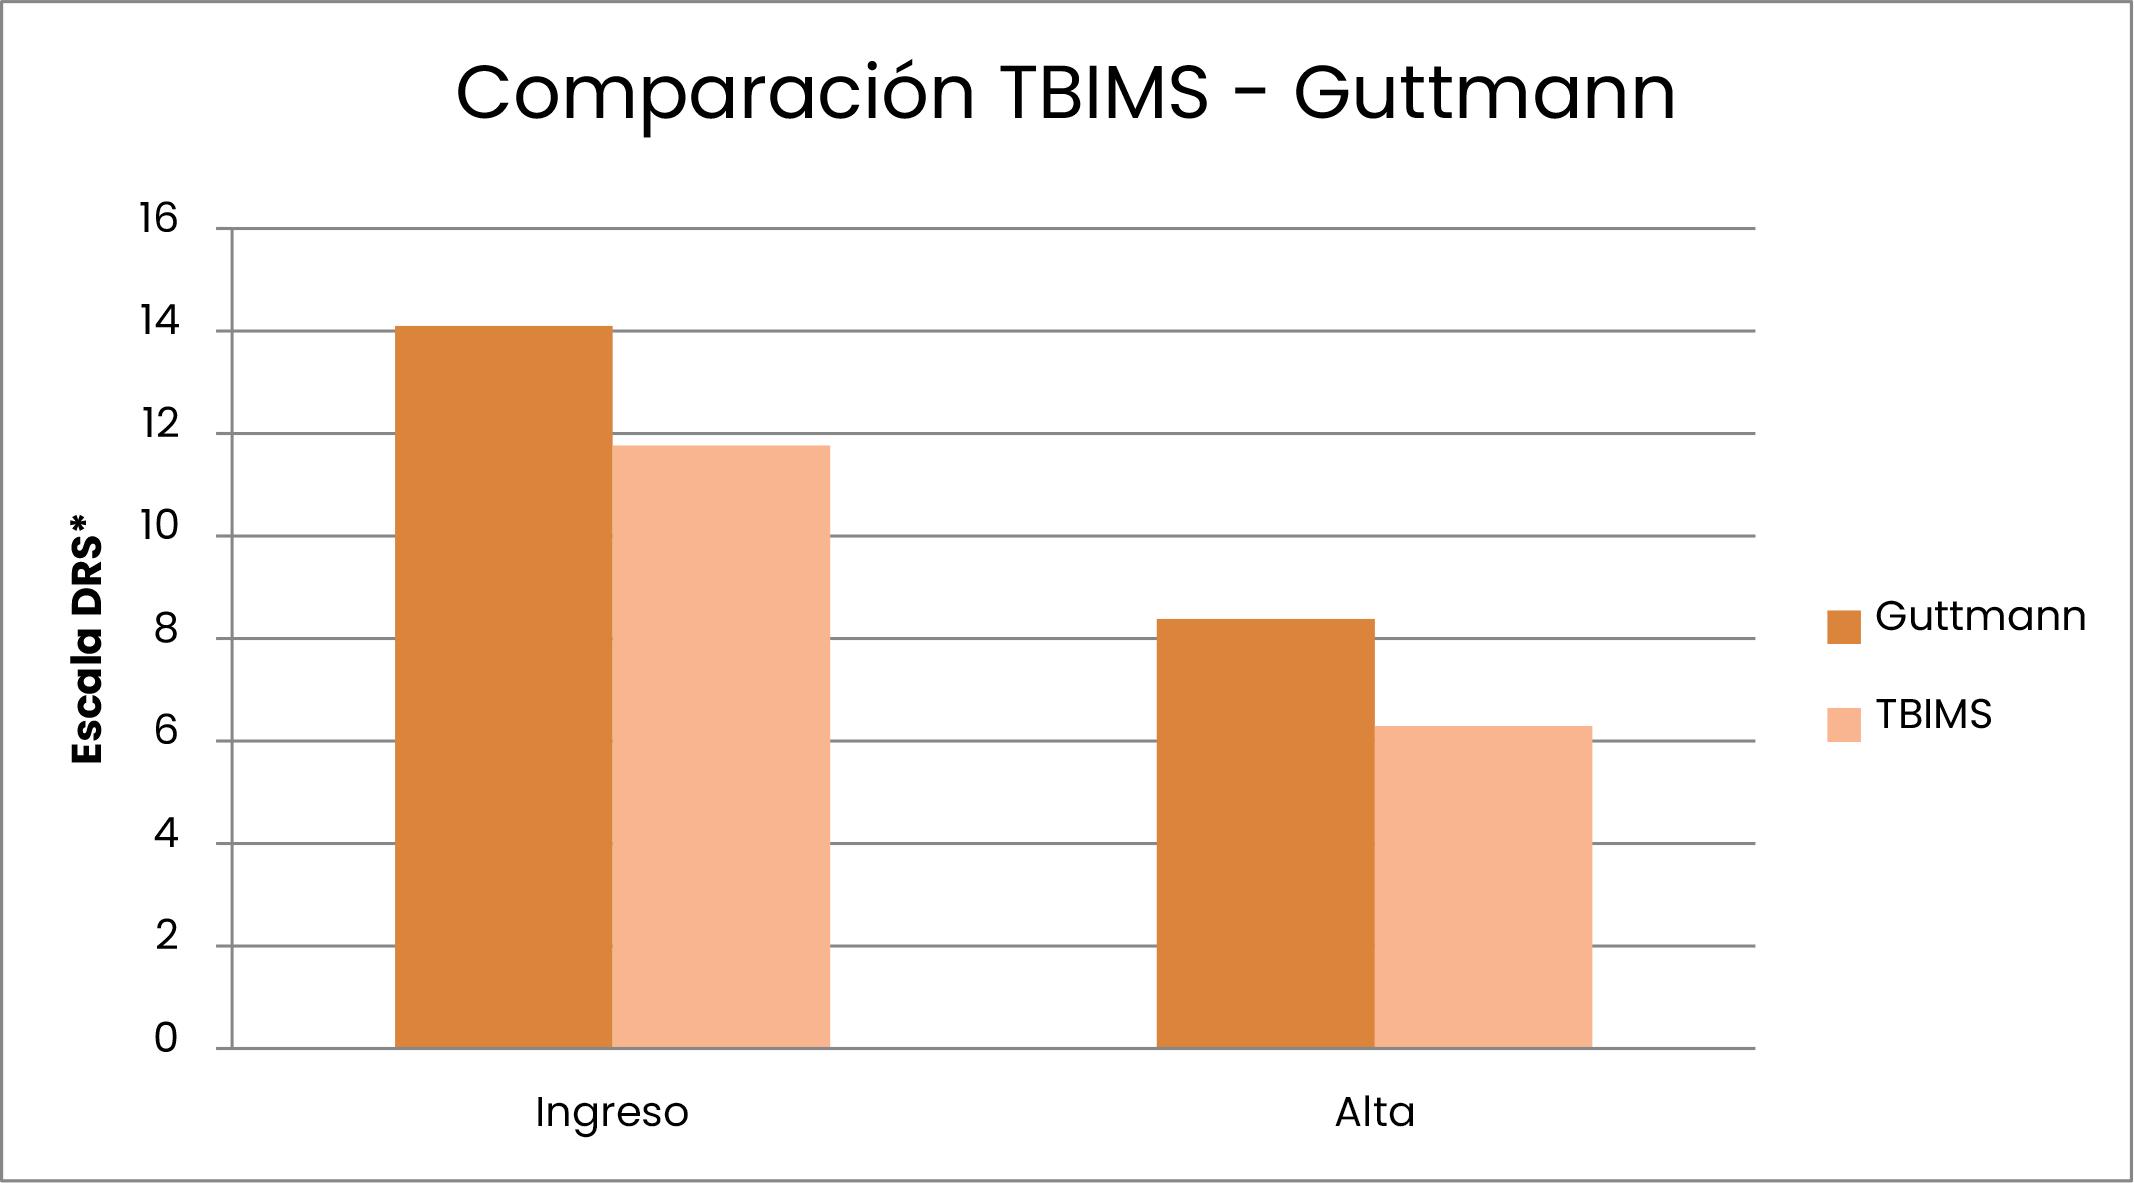 Comparación TBIMS - Guttmann